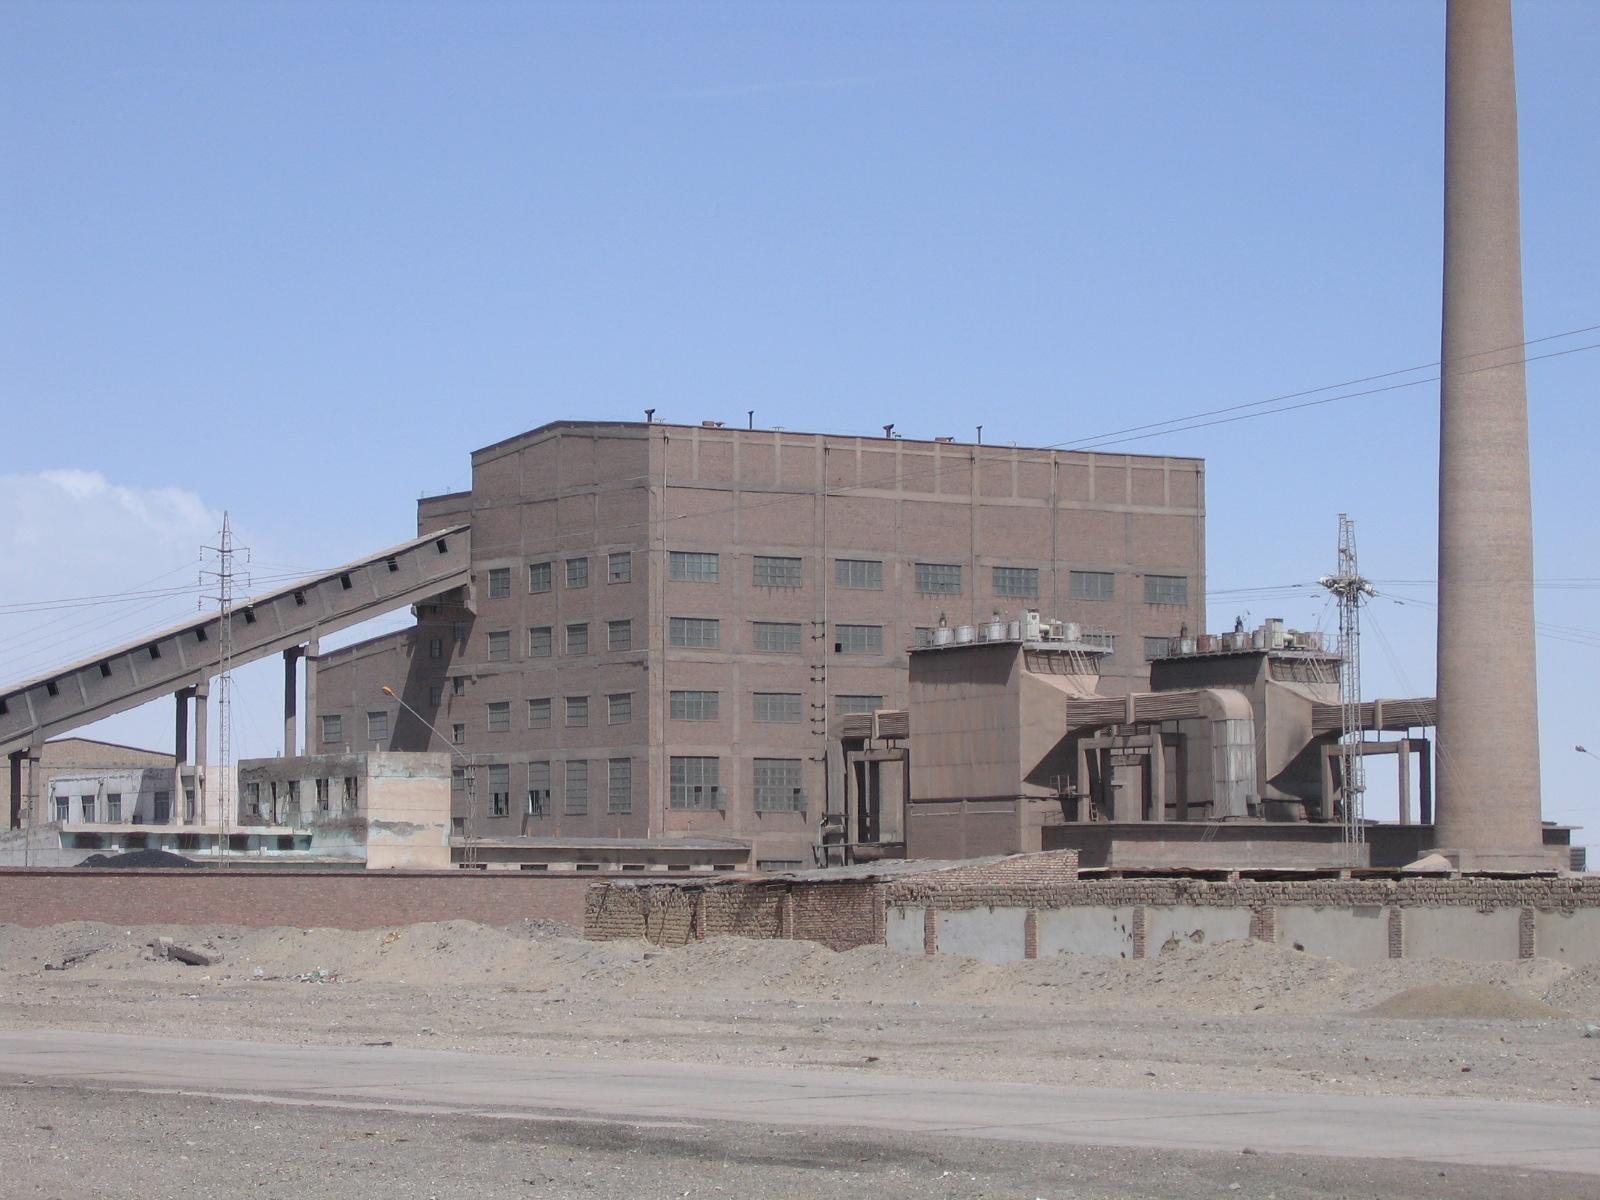 歷史照片(電力發展)—生活區火電廠2